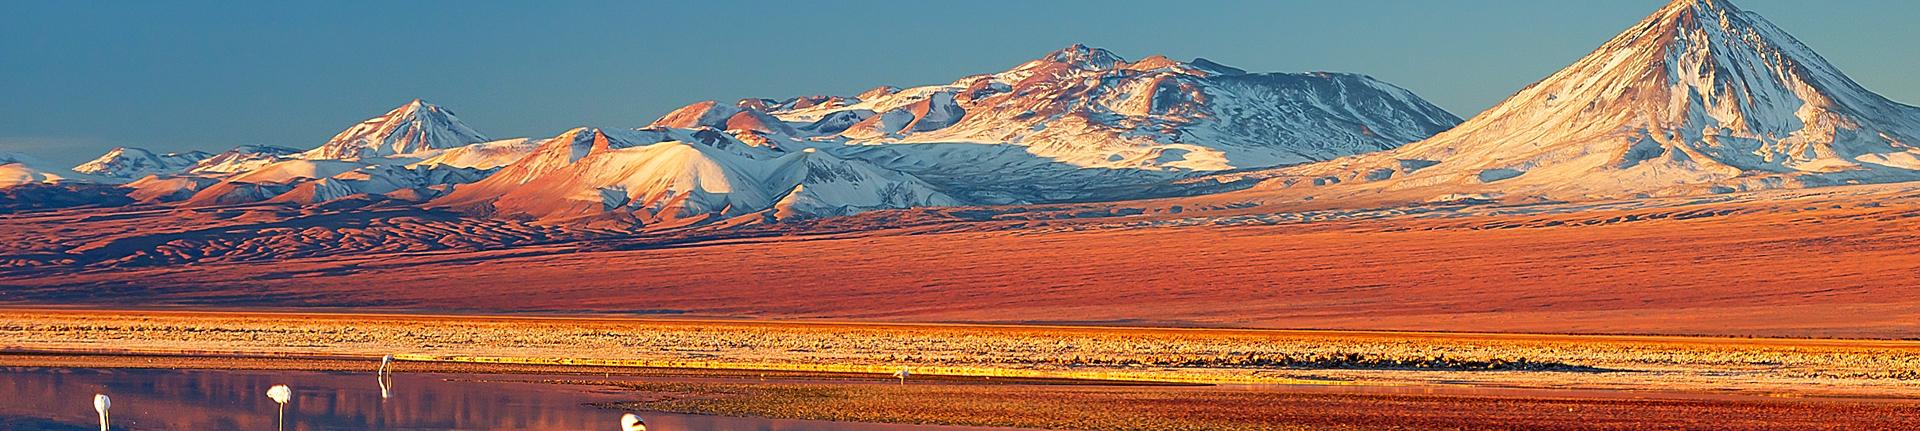 Desertos inacreditáveis para conhecer na próxima viagem